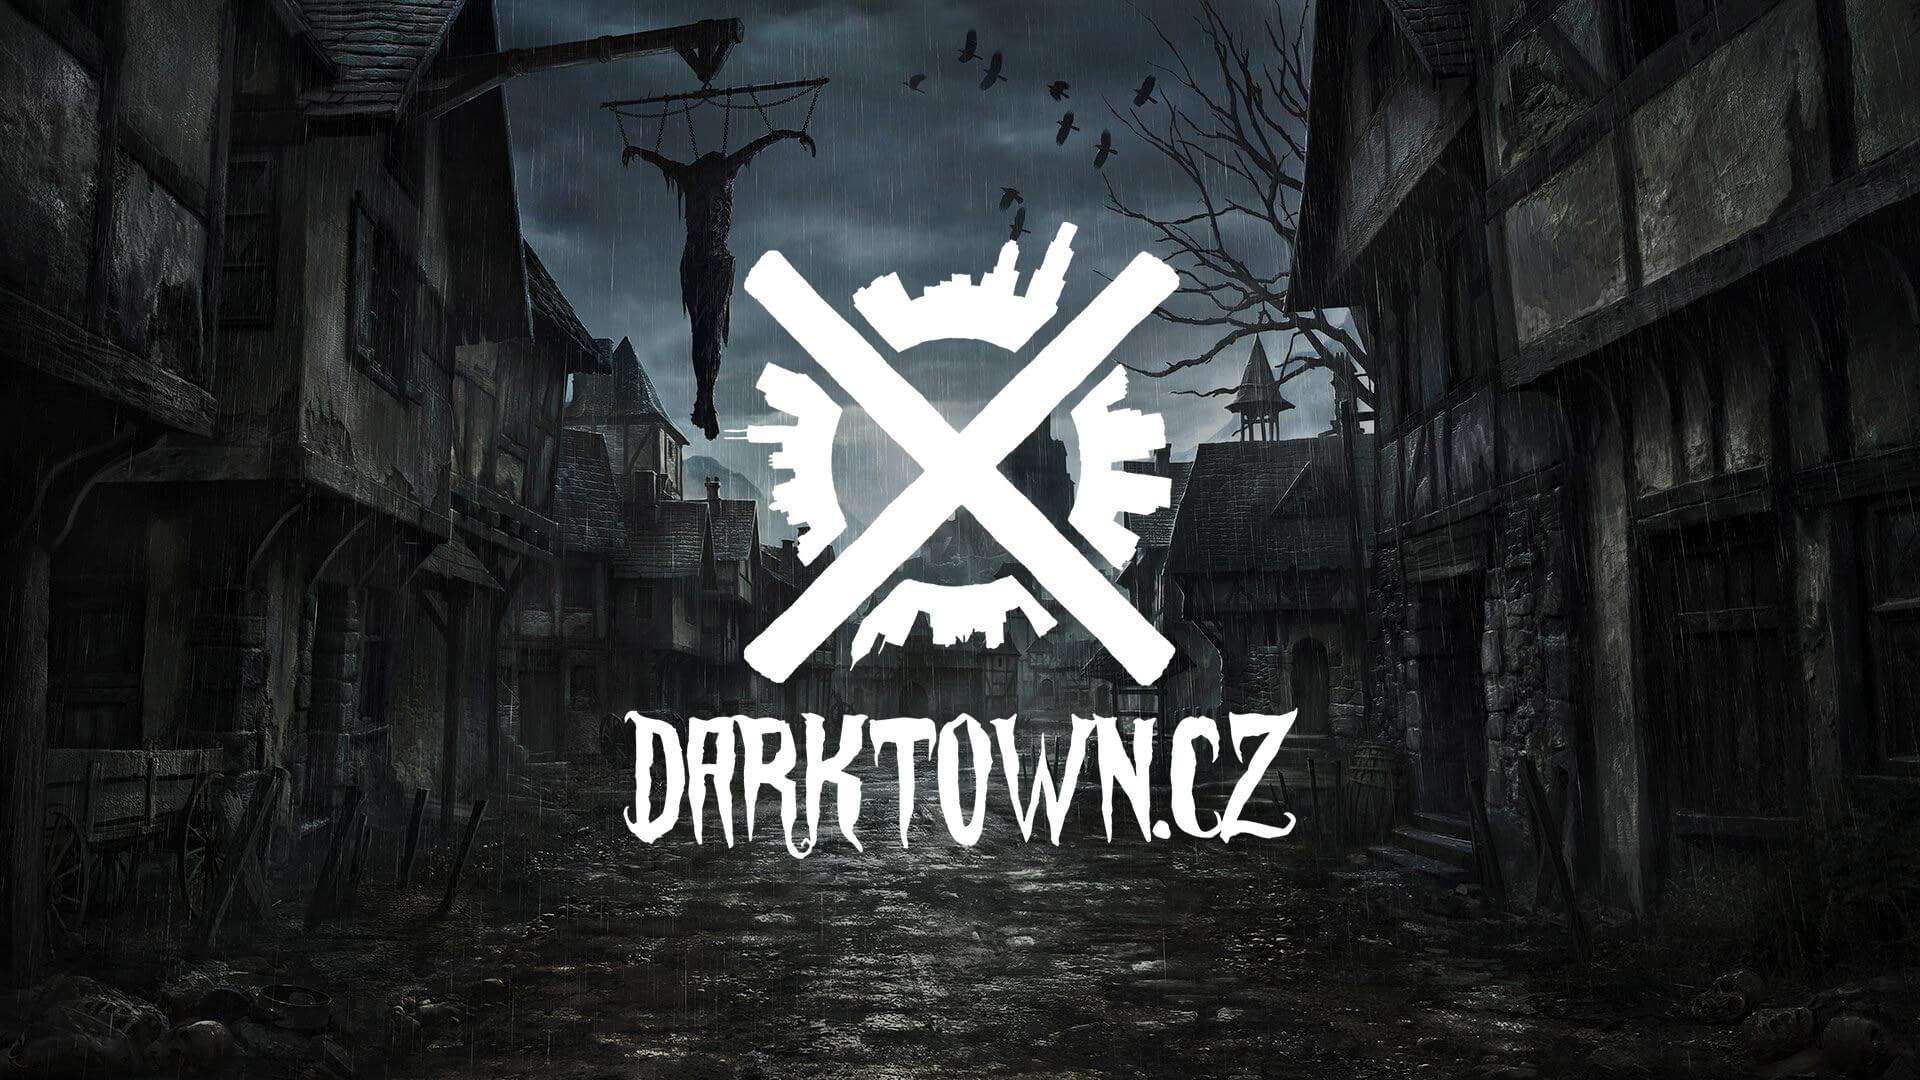 DarkTown.cz - creepypasty darkweb deepweb historky legendy záhady děsivé strašidelné creepy příběhy strach videa obrázky články